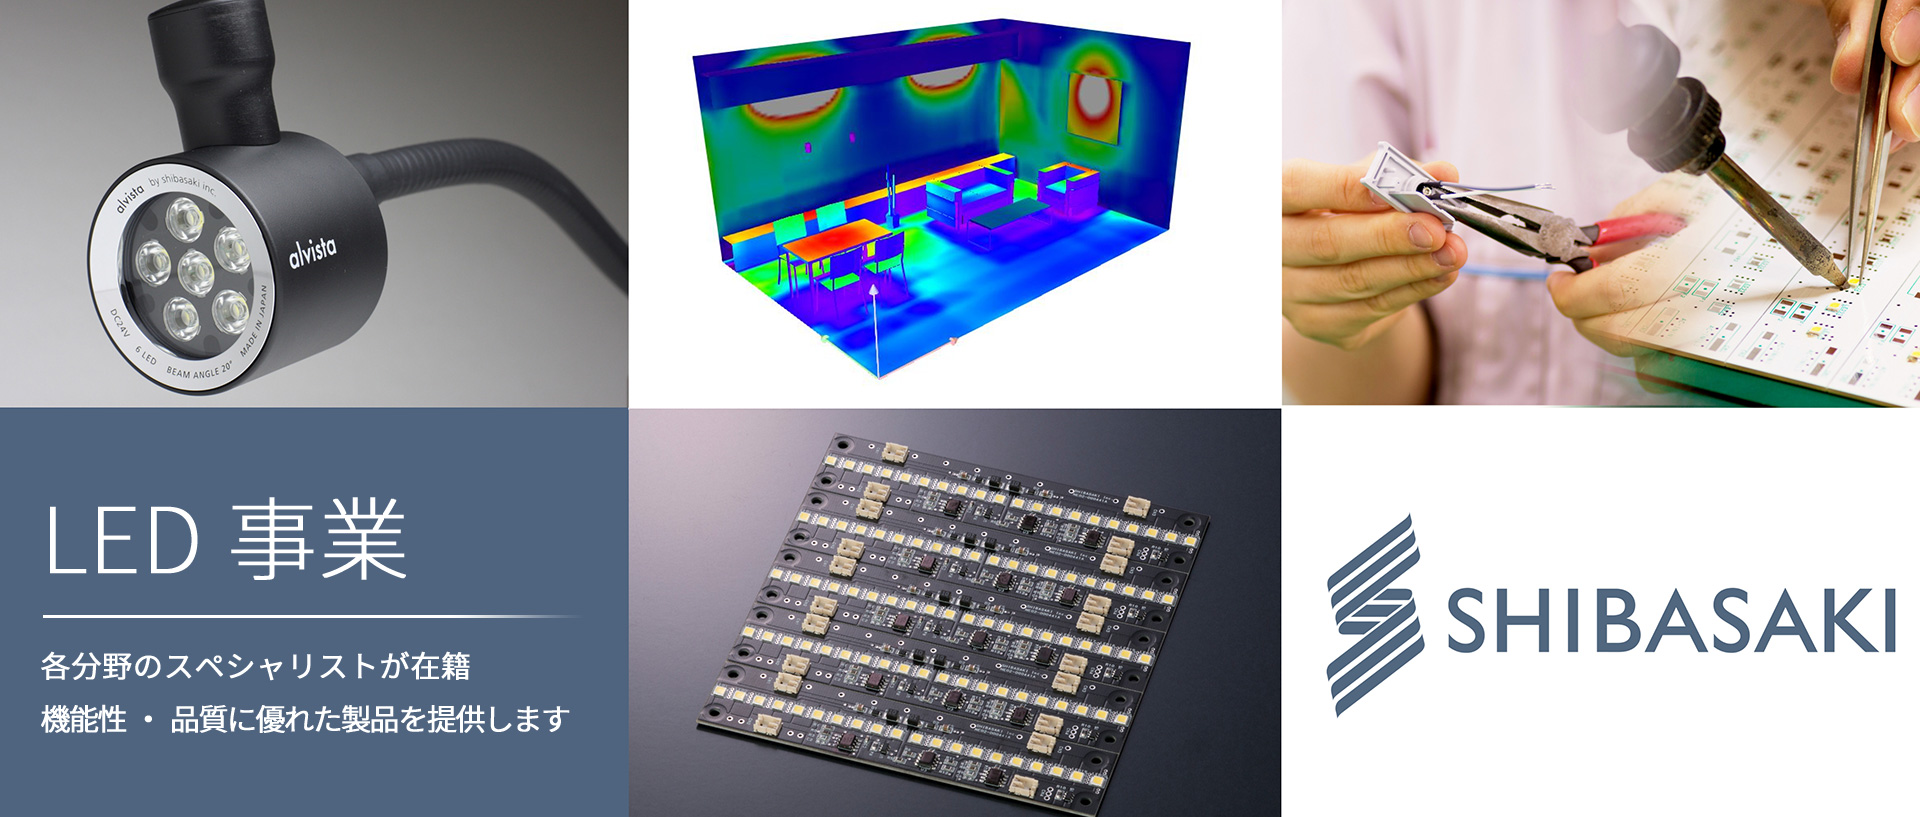 LED事業 各分野のスペシャリストが在籍 機能性・品質に優れた製品を提供します